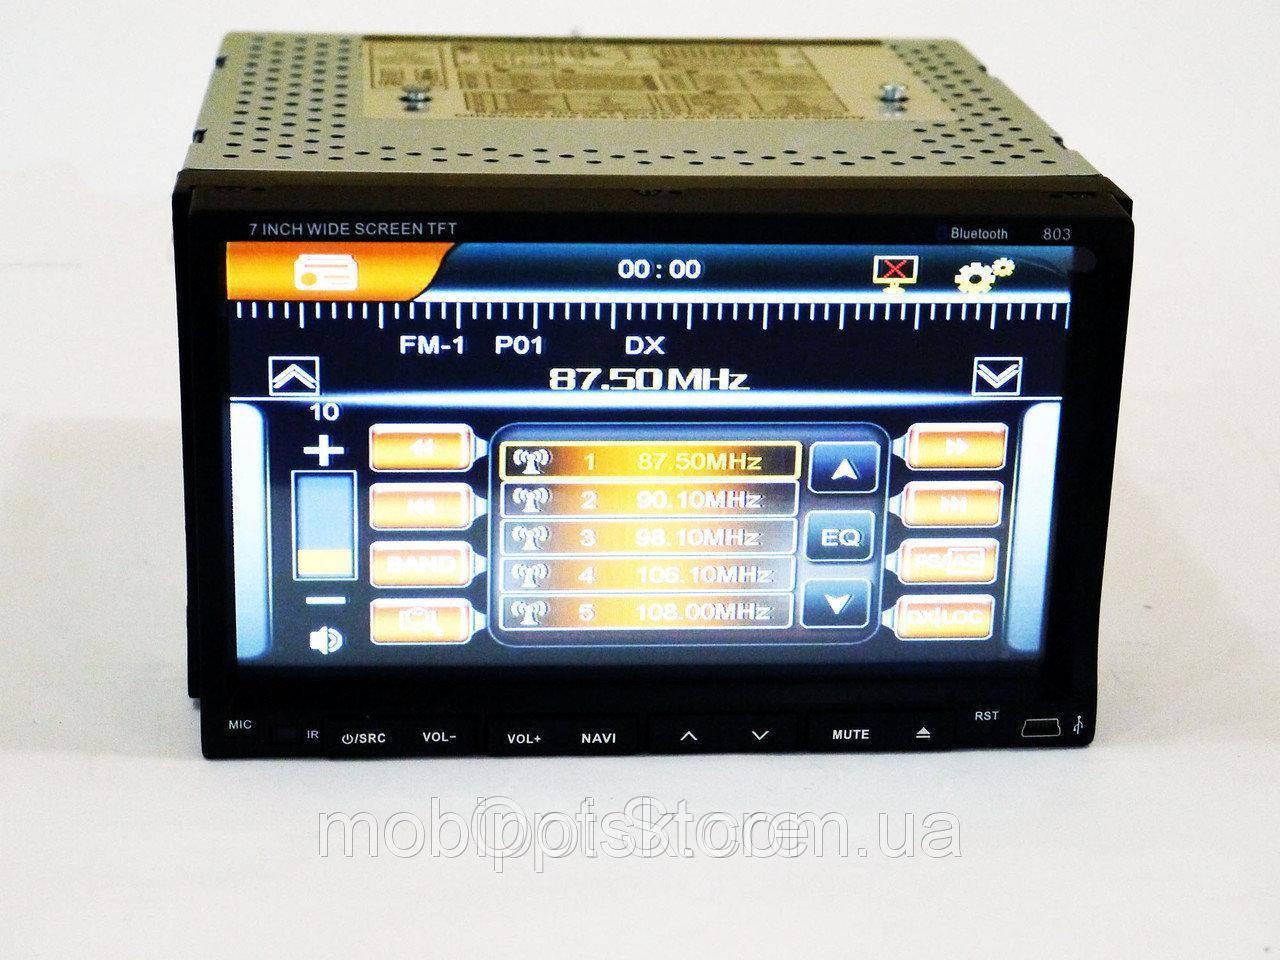 Автомагнитола Pioneer PI-803 GPS - Opt Store в Киеве